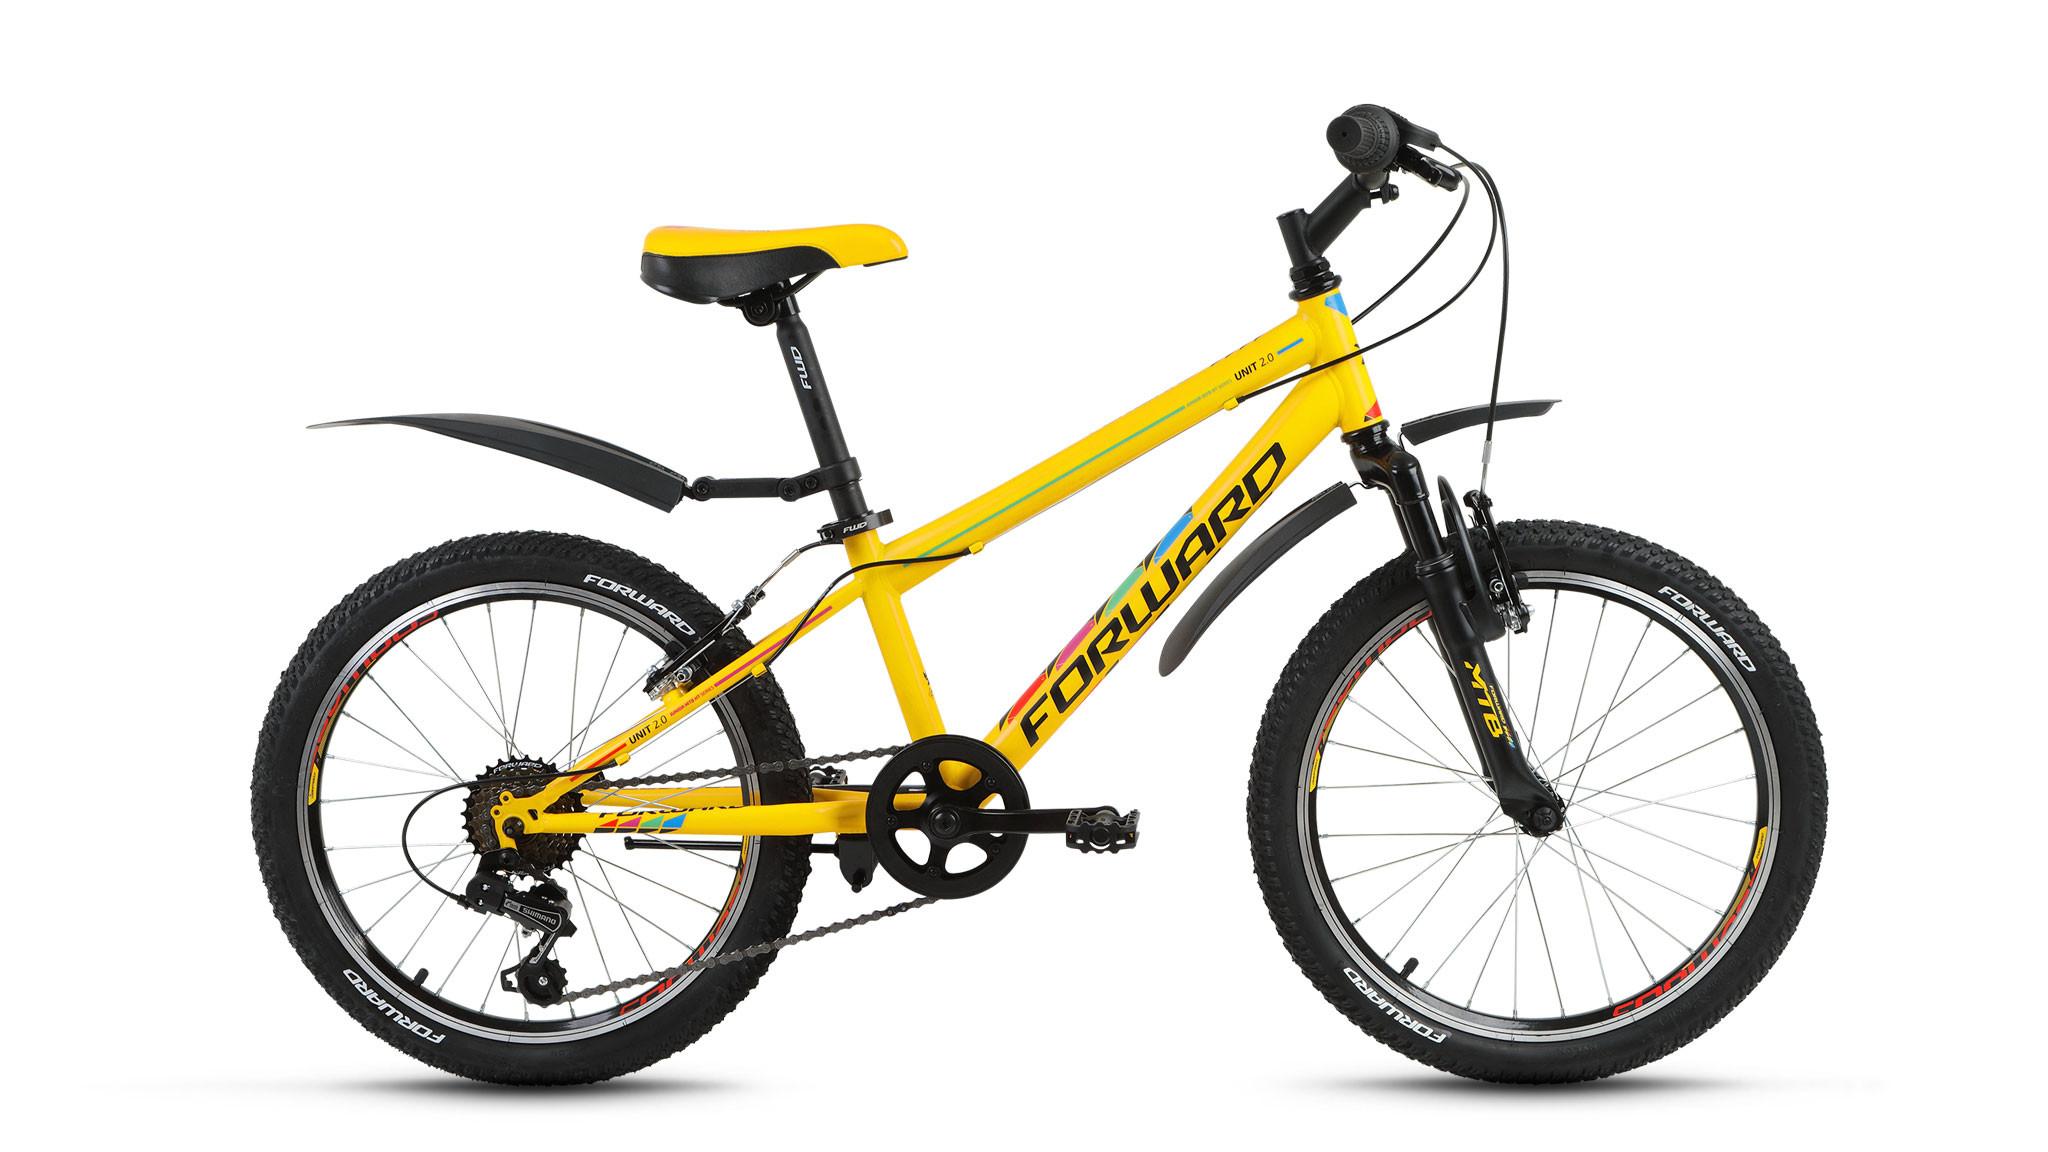 Детский велосипед Forward Unit 2.0 2017 желтый матовый